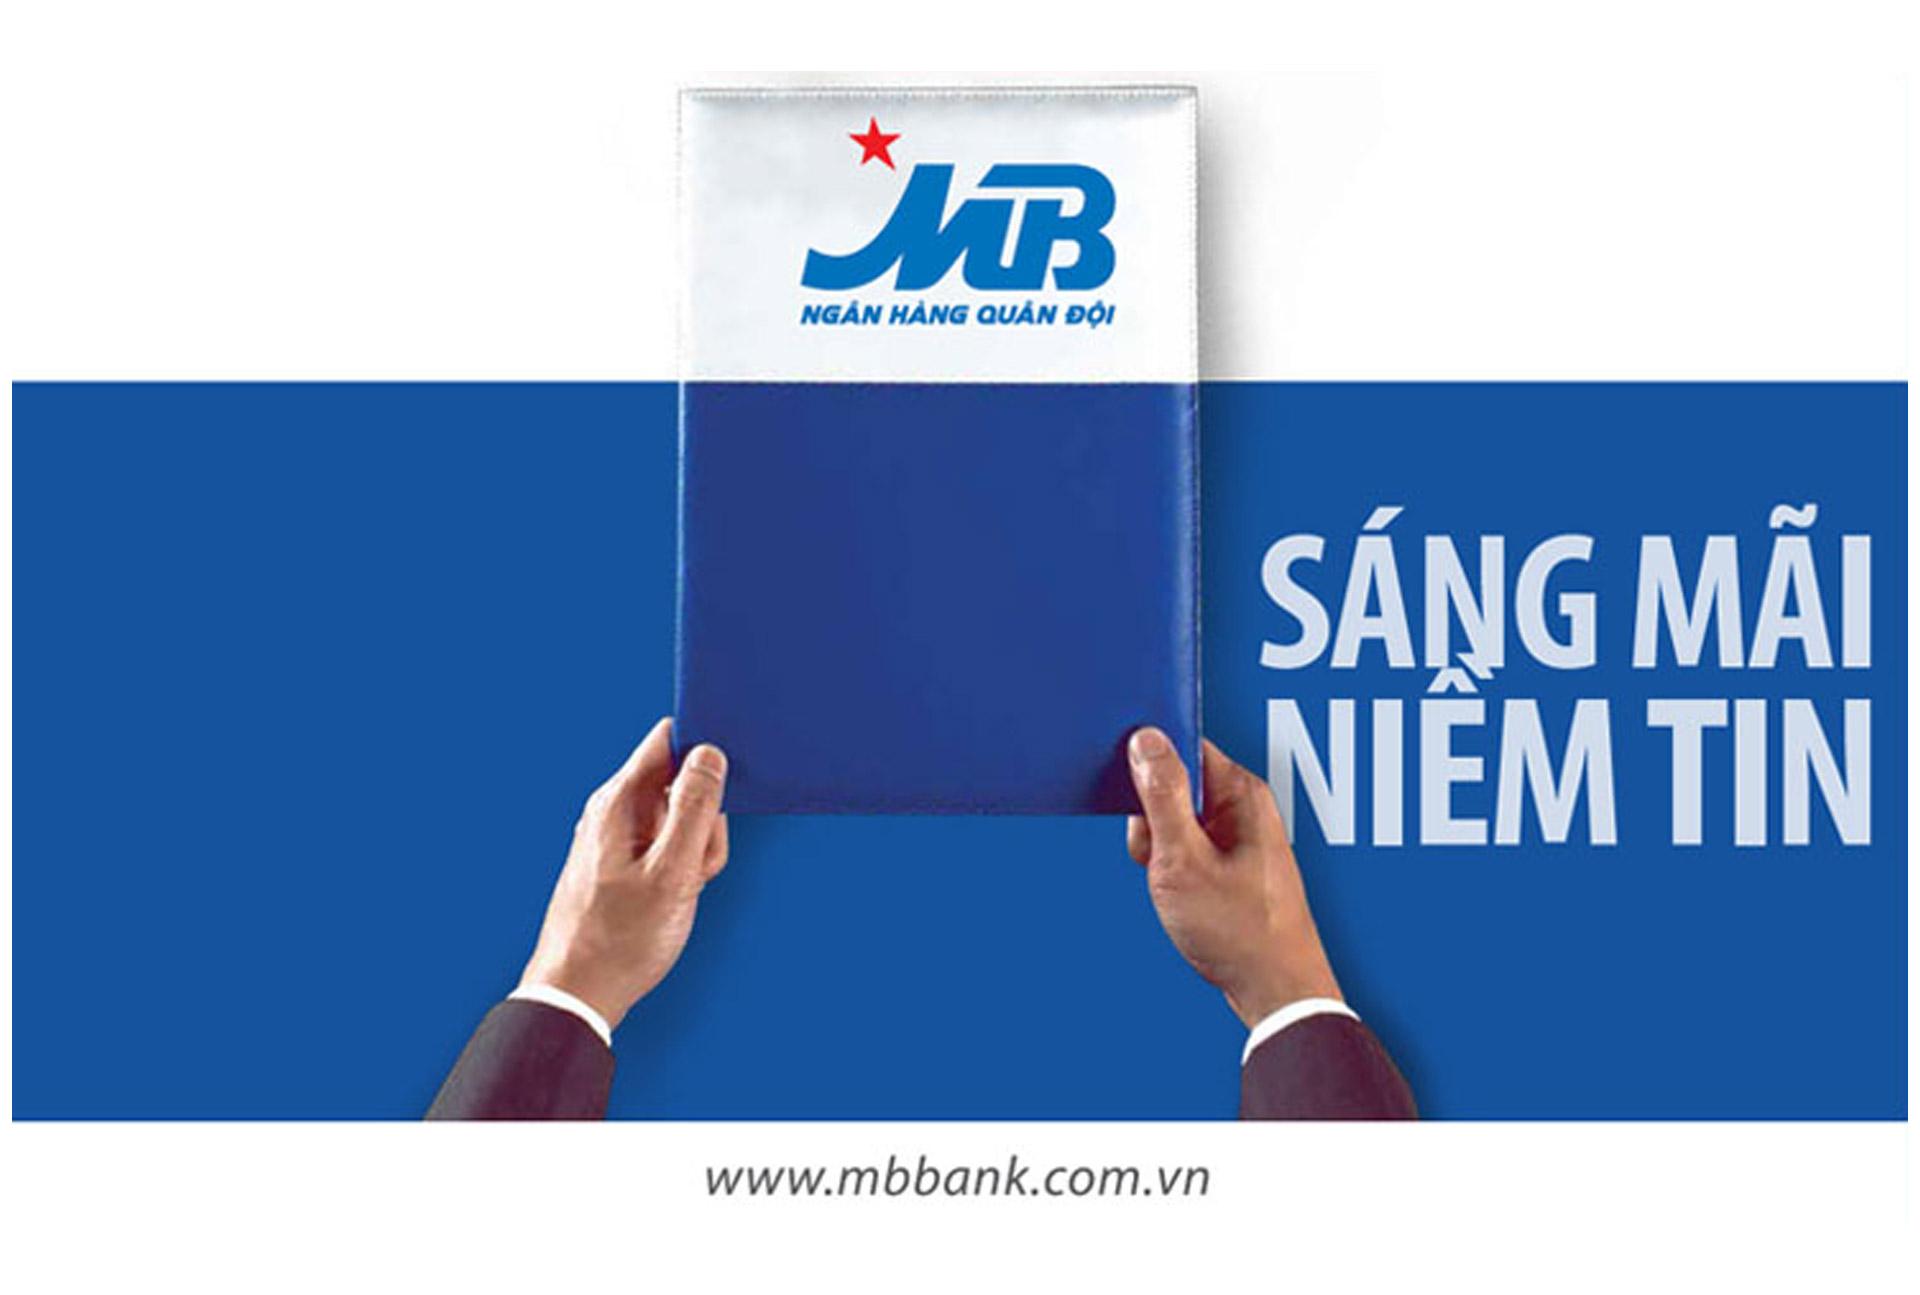 MB-Print AD